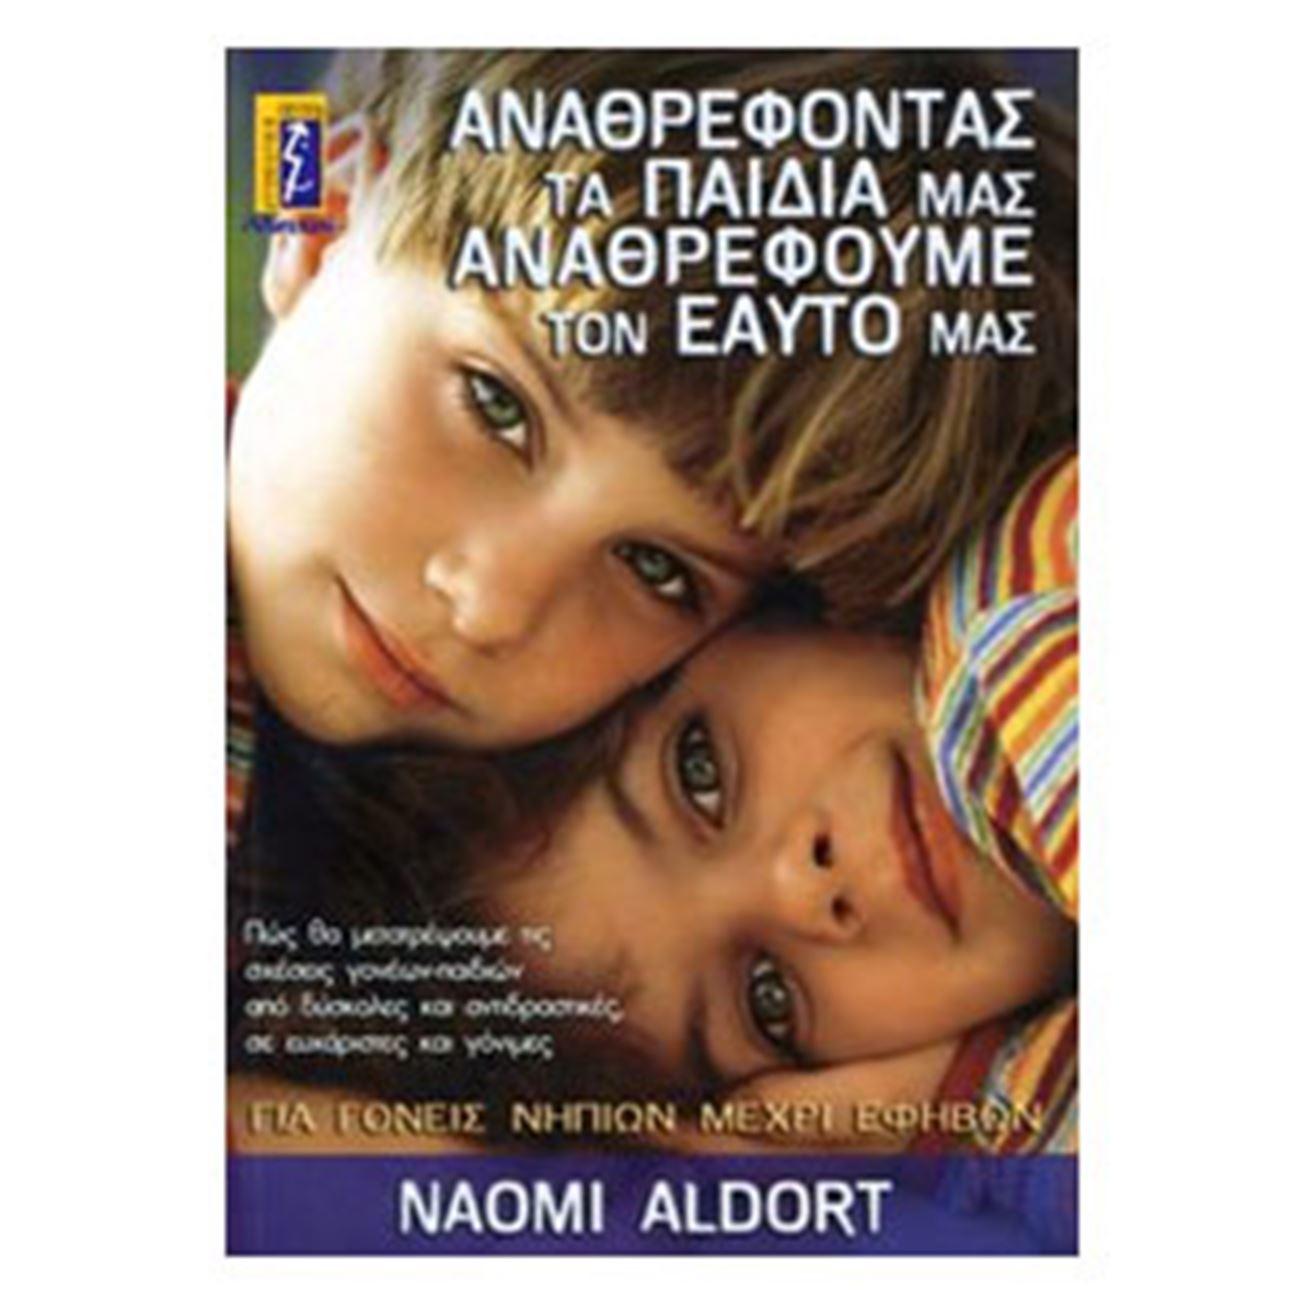 Αναθρέφοντας τα παιδιά μας, αναθρέφουμε τον εαυτό μας - Naomi Aldort